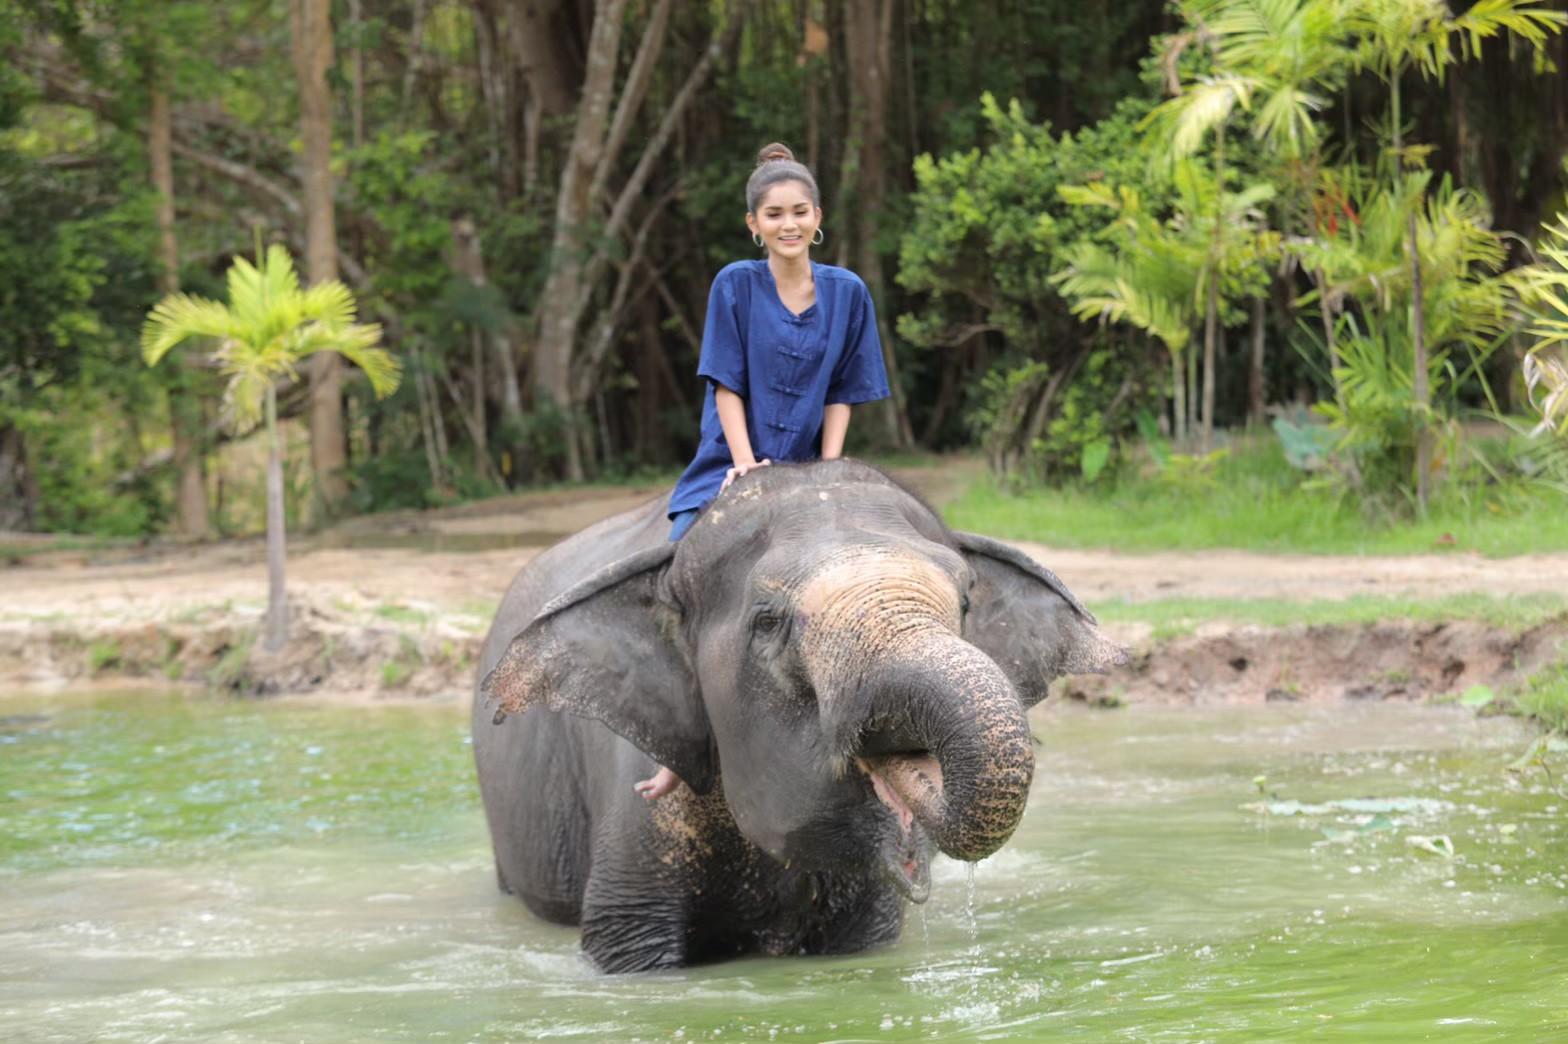 อาบน้ำกับช้าง_200103_0001